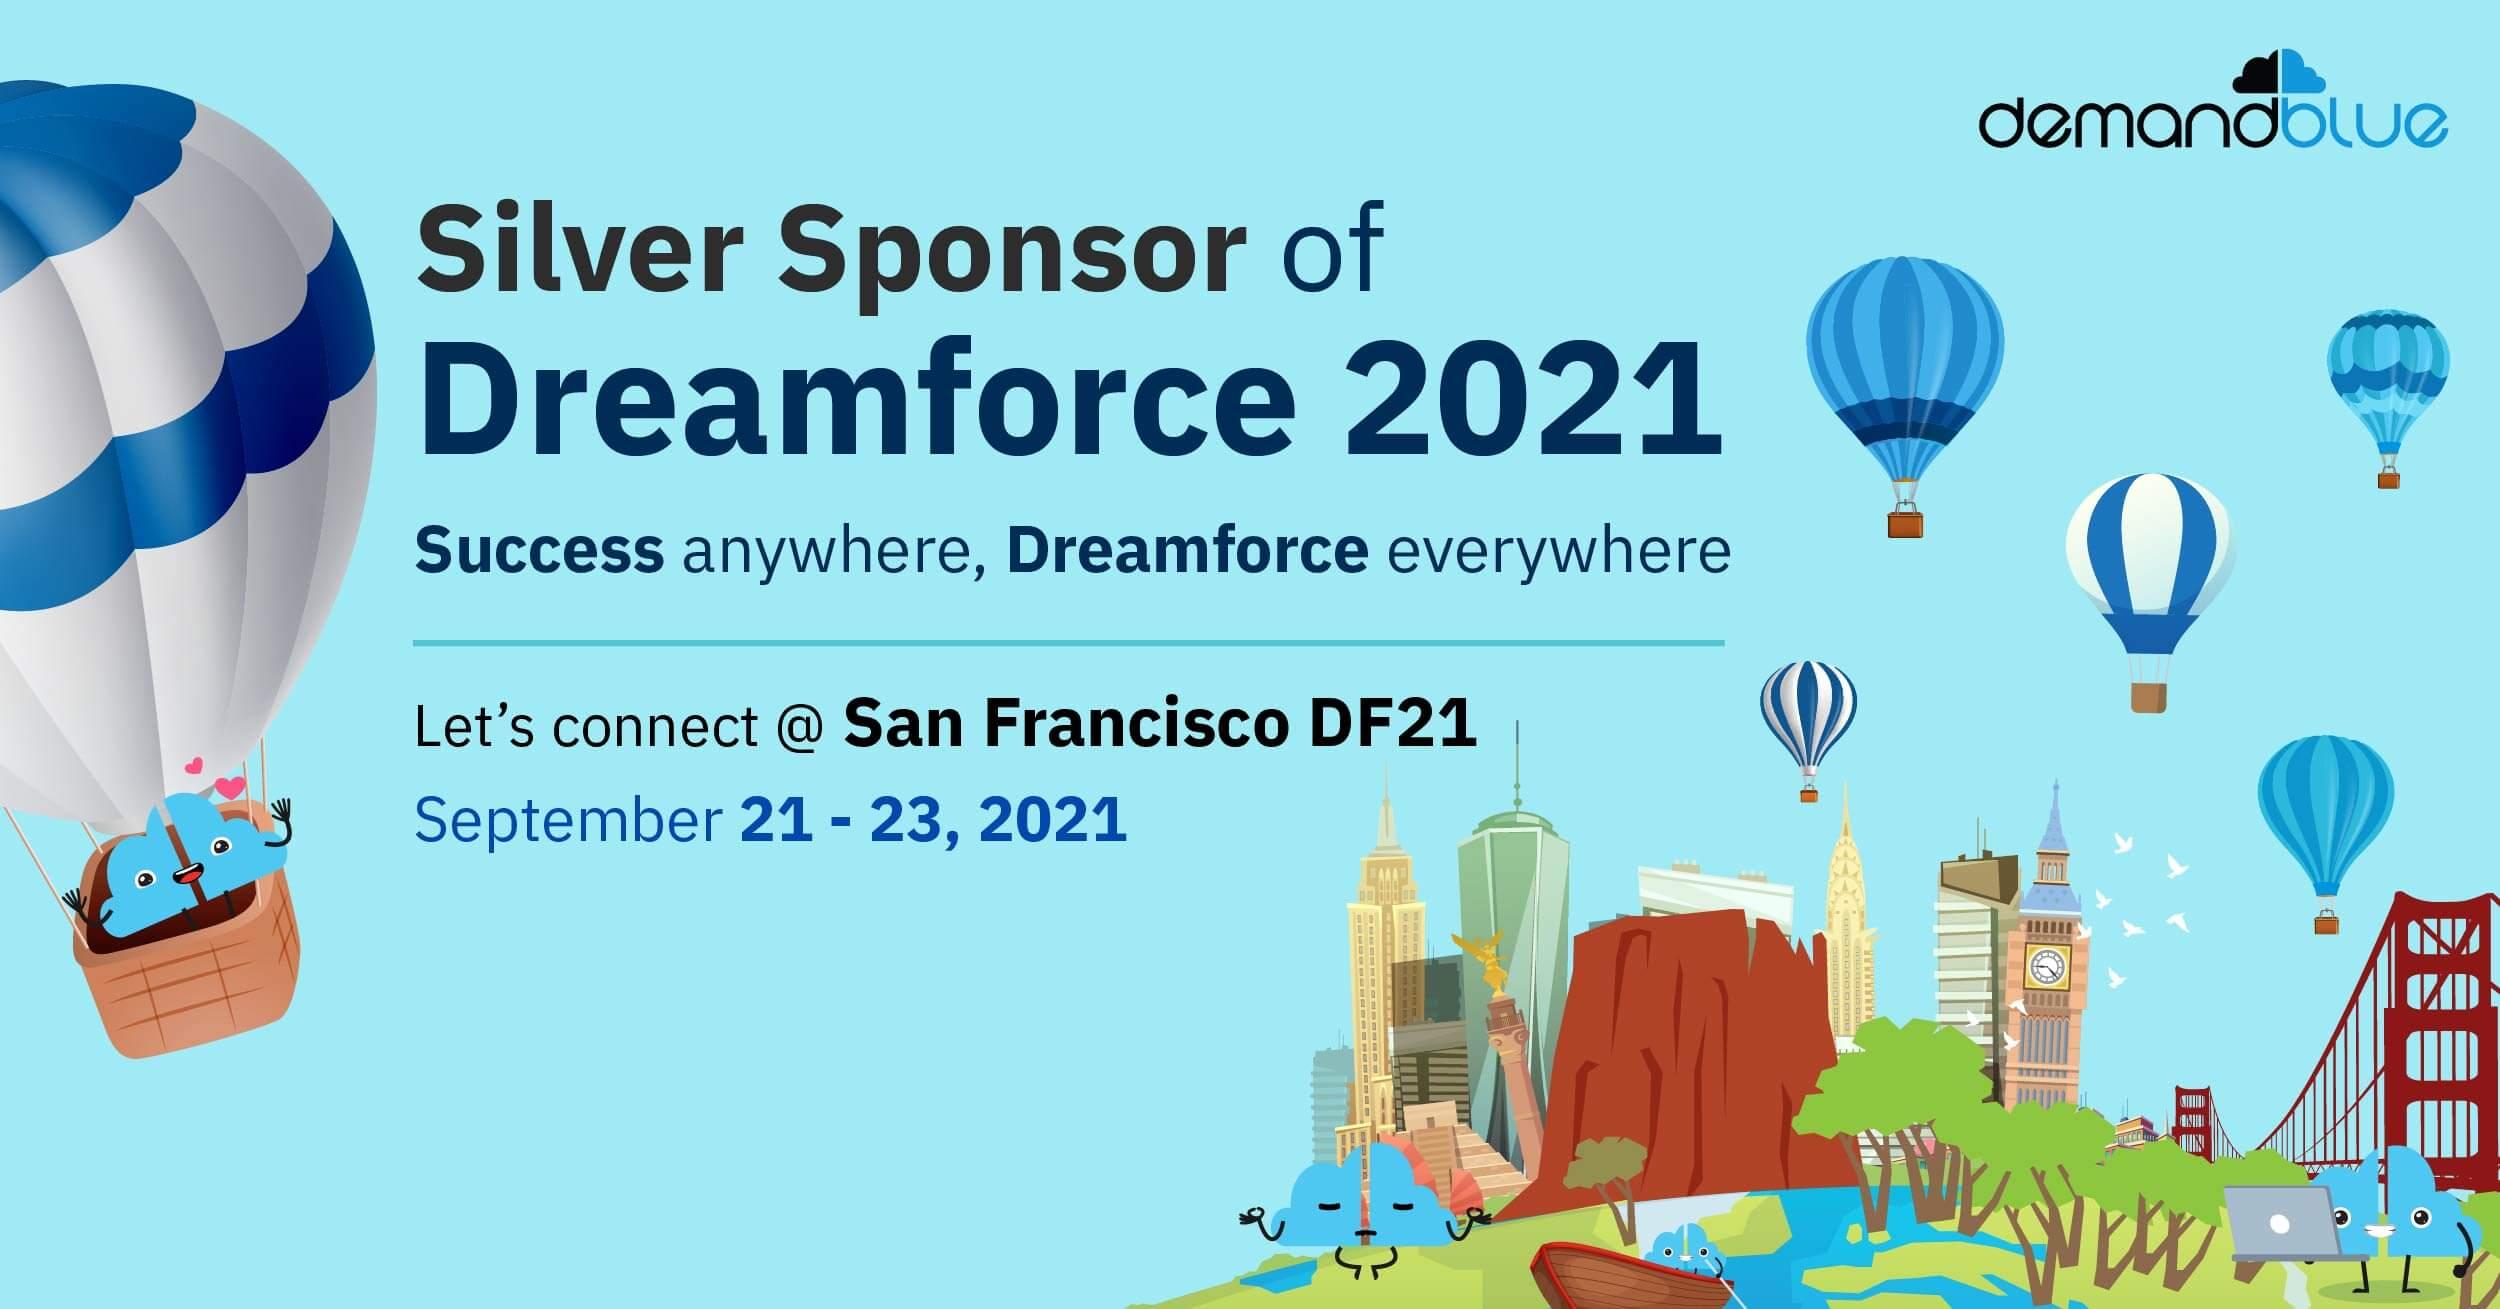 Dreamforce 2021 – The Global Salesforce event | Meet DemandBlue